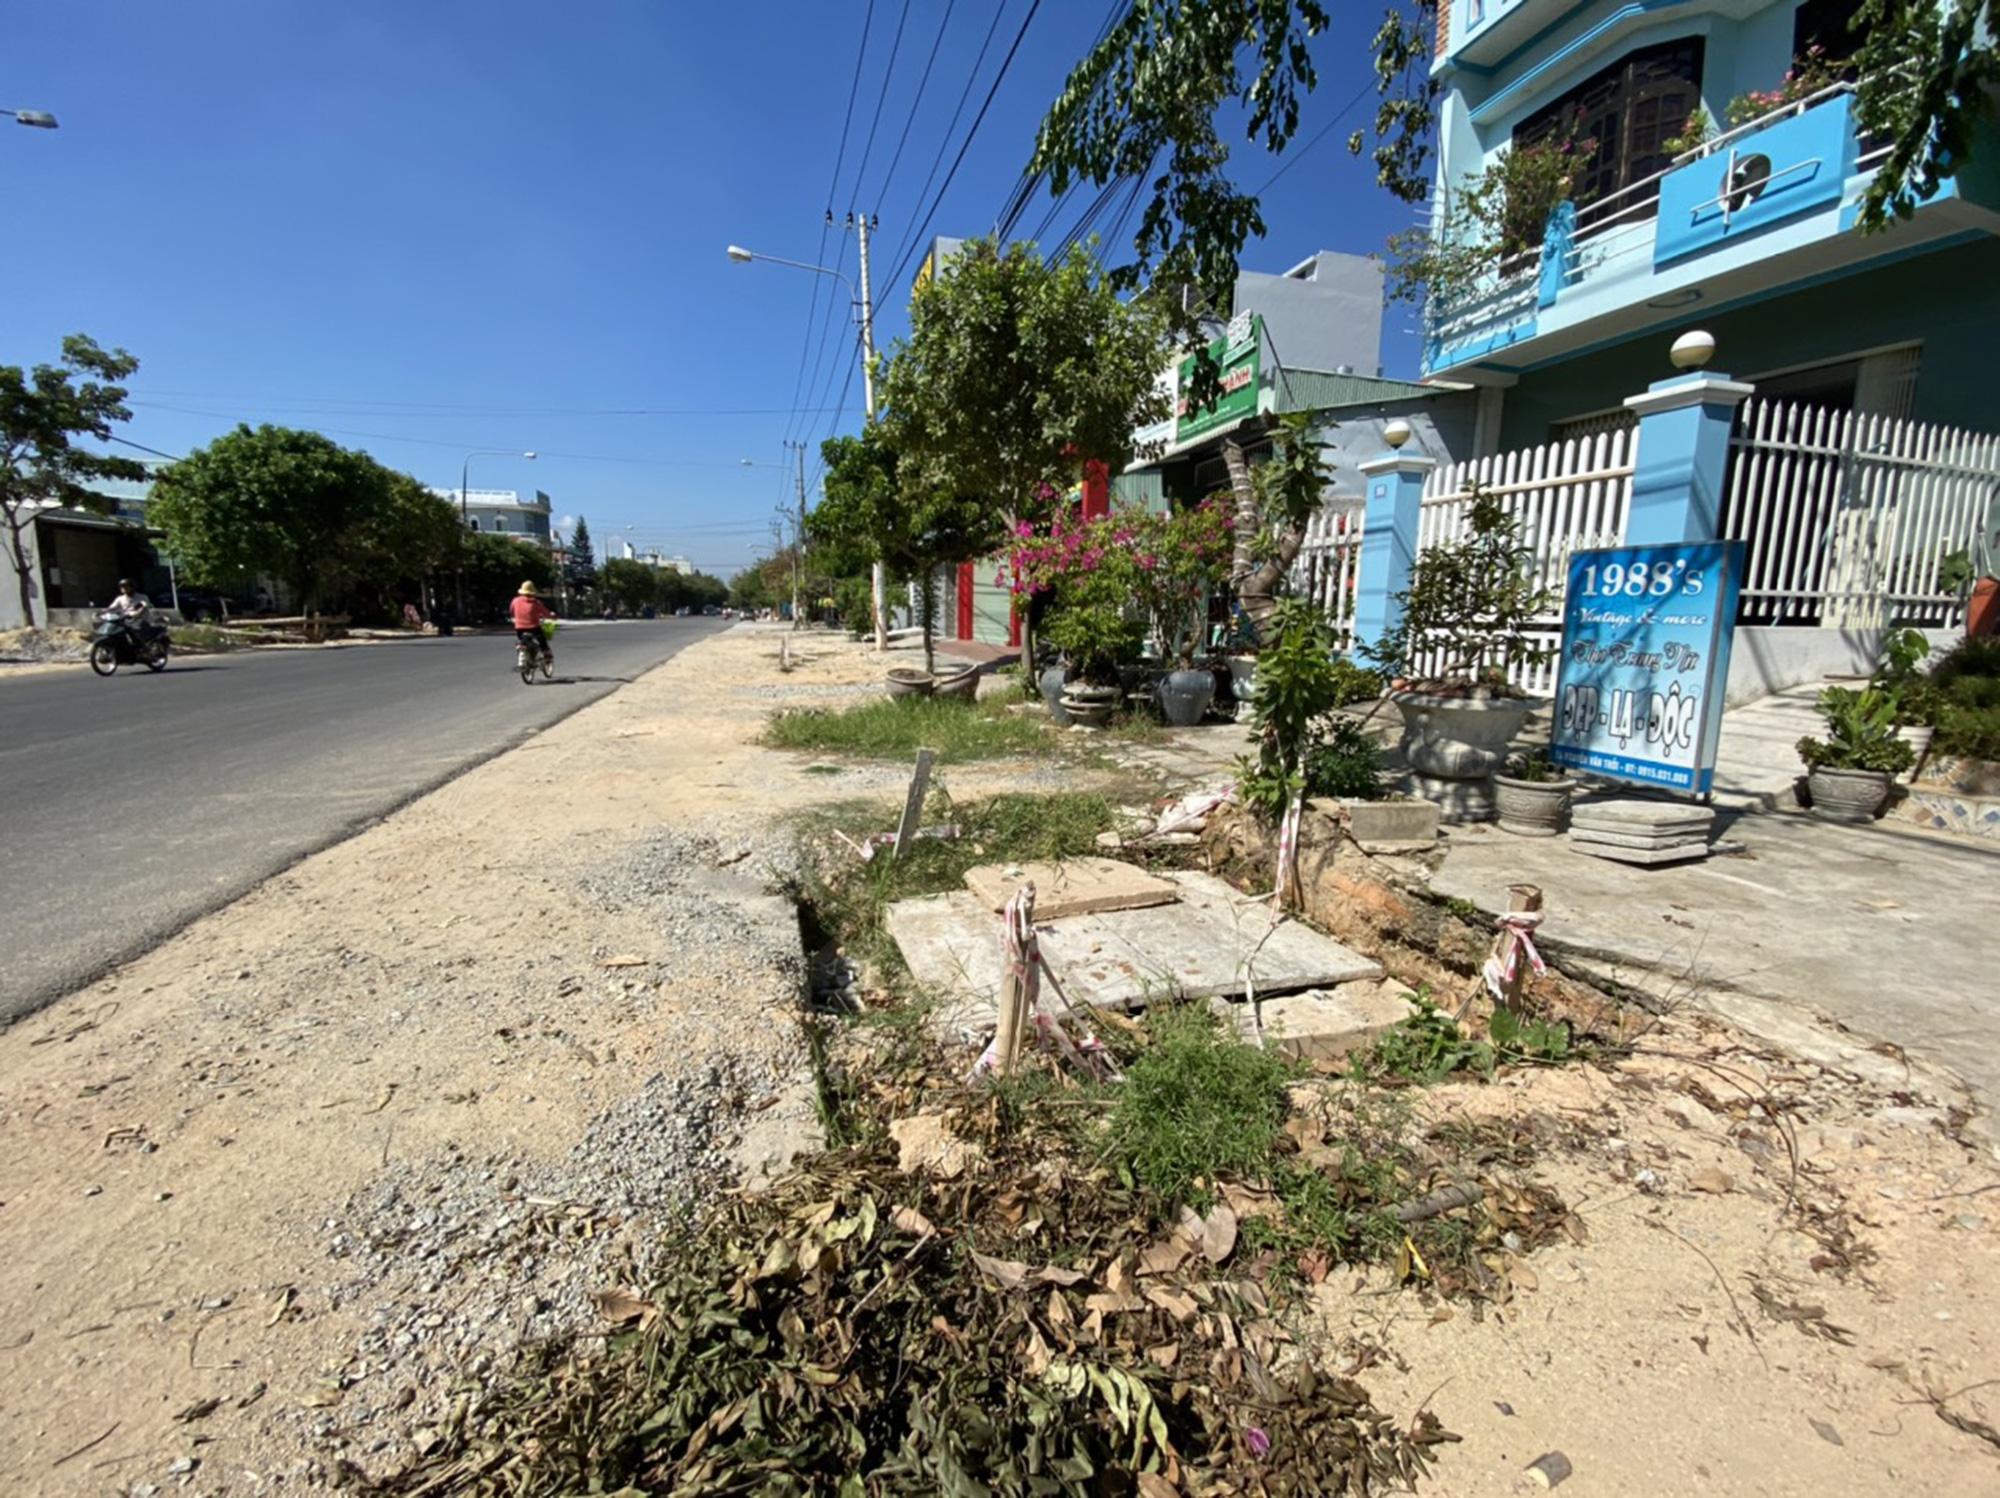 """Quảng Nam: Doanh nghiệp """"bỏ chạy"""", đường gần 27 tỷ hành dân - Ảnh 4."""